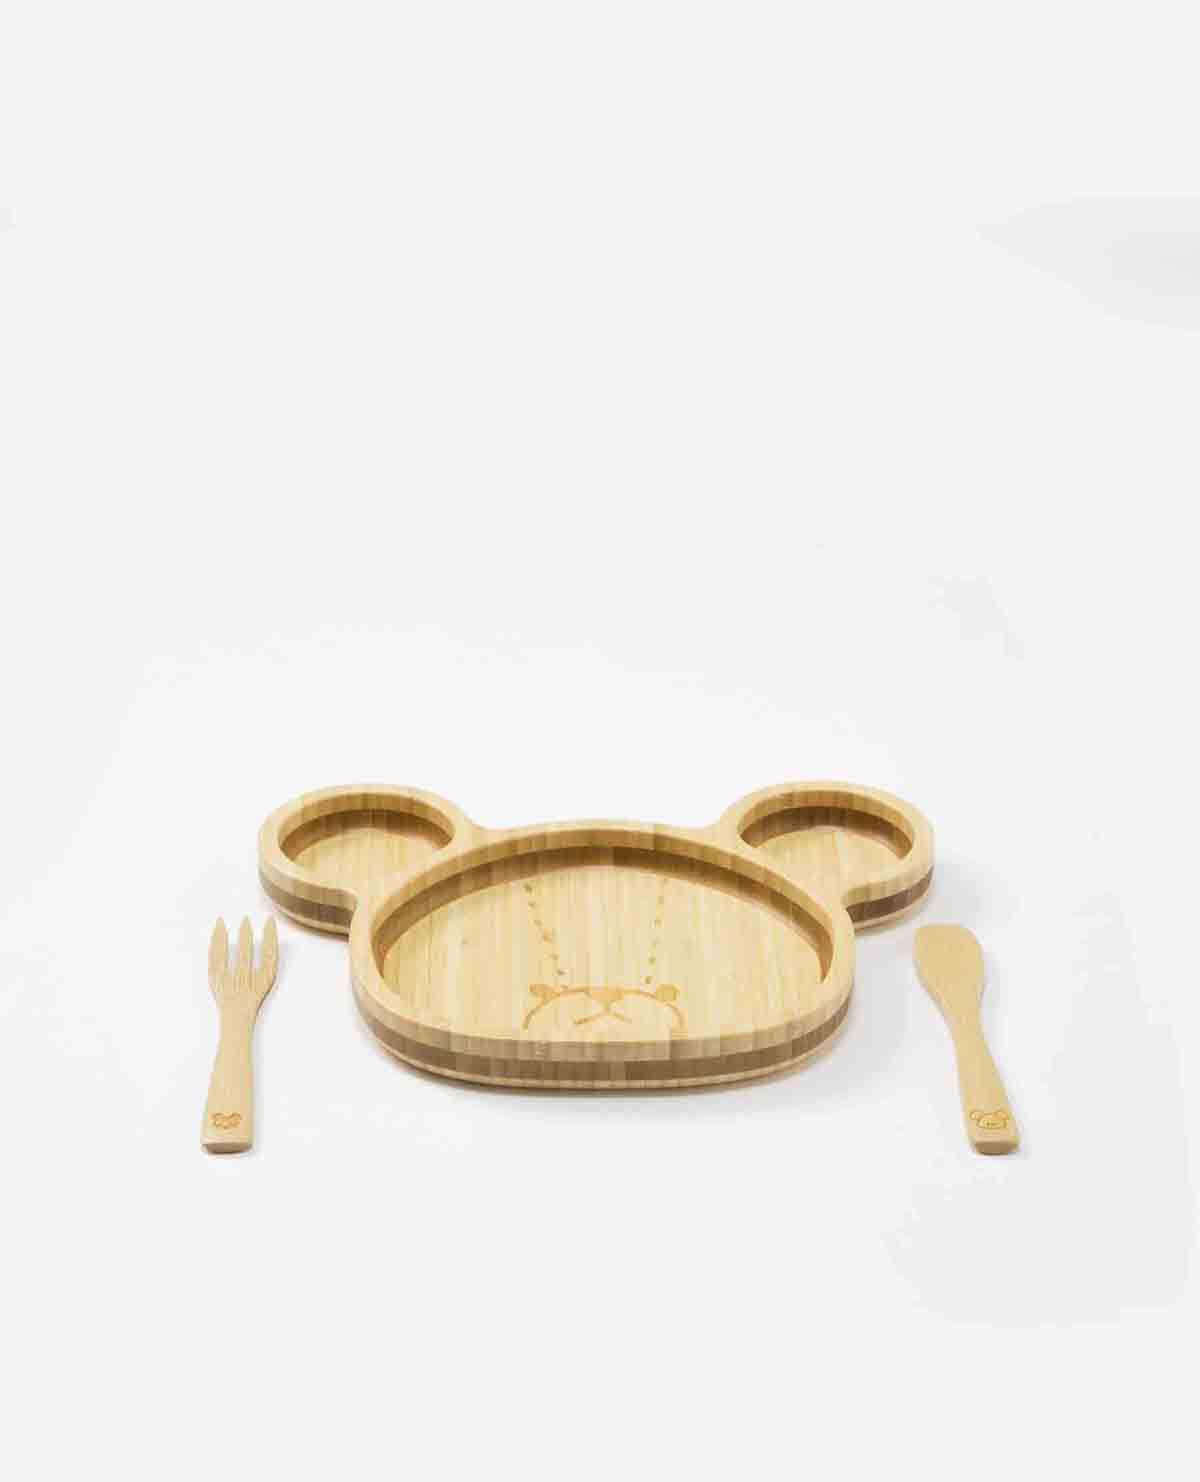 ジャッキー ランチ プレート セット ベビー食器 木製 竹